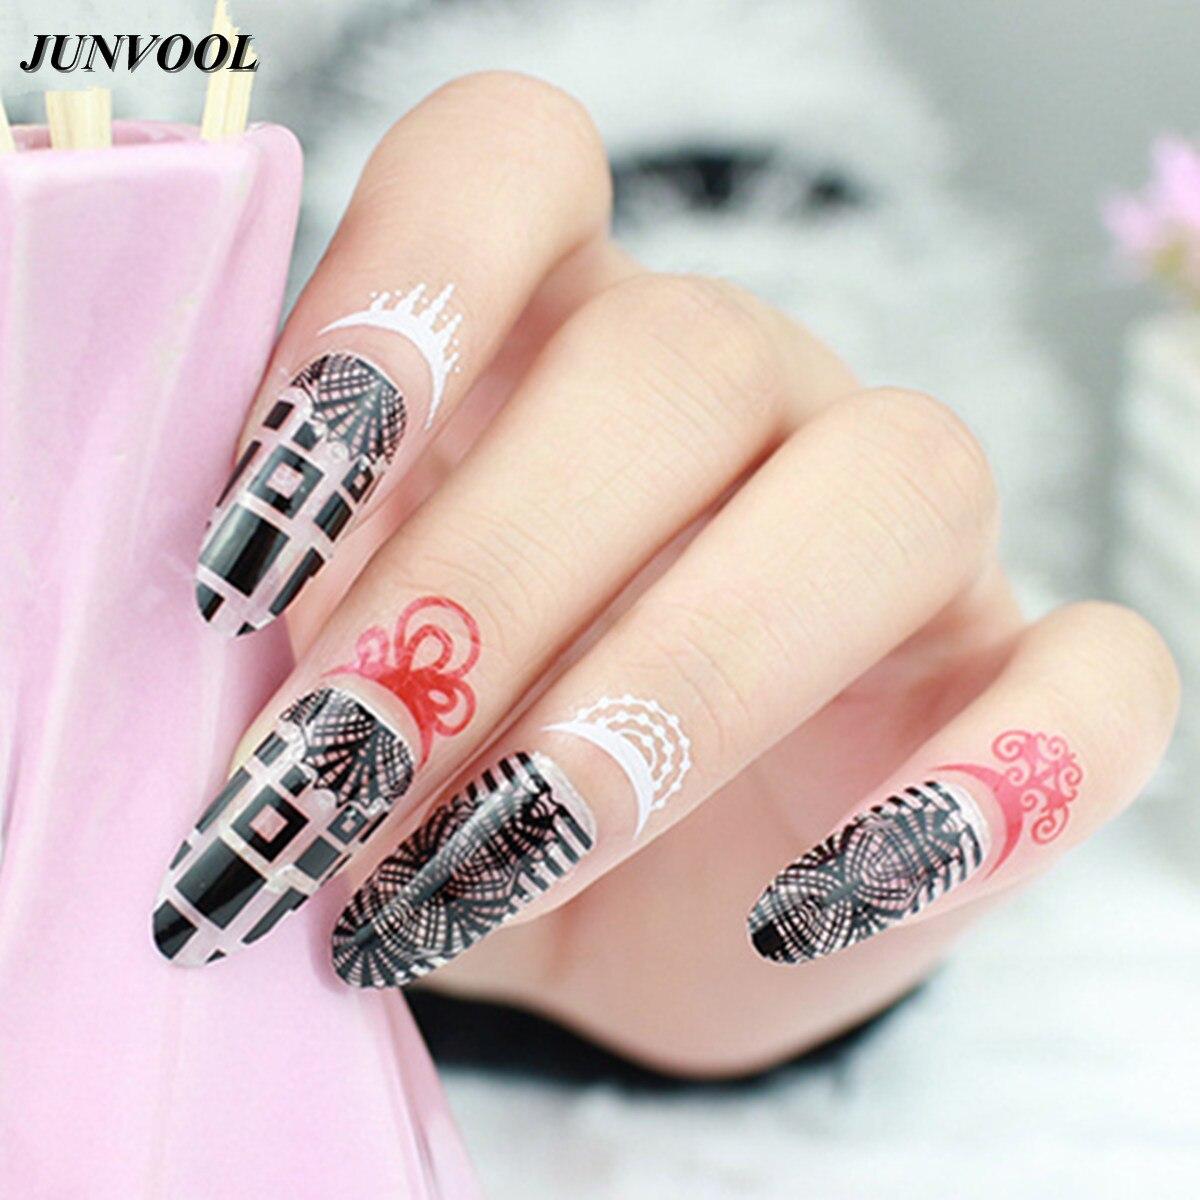 13 Stkspartij Cuticle Tattoo Nail Art Stickers Tijdelijke Decals